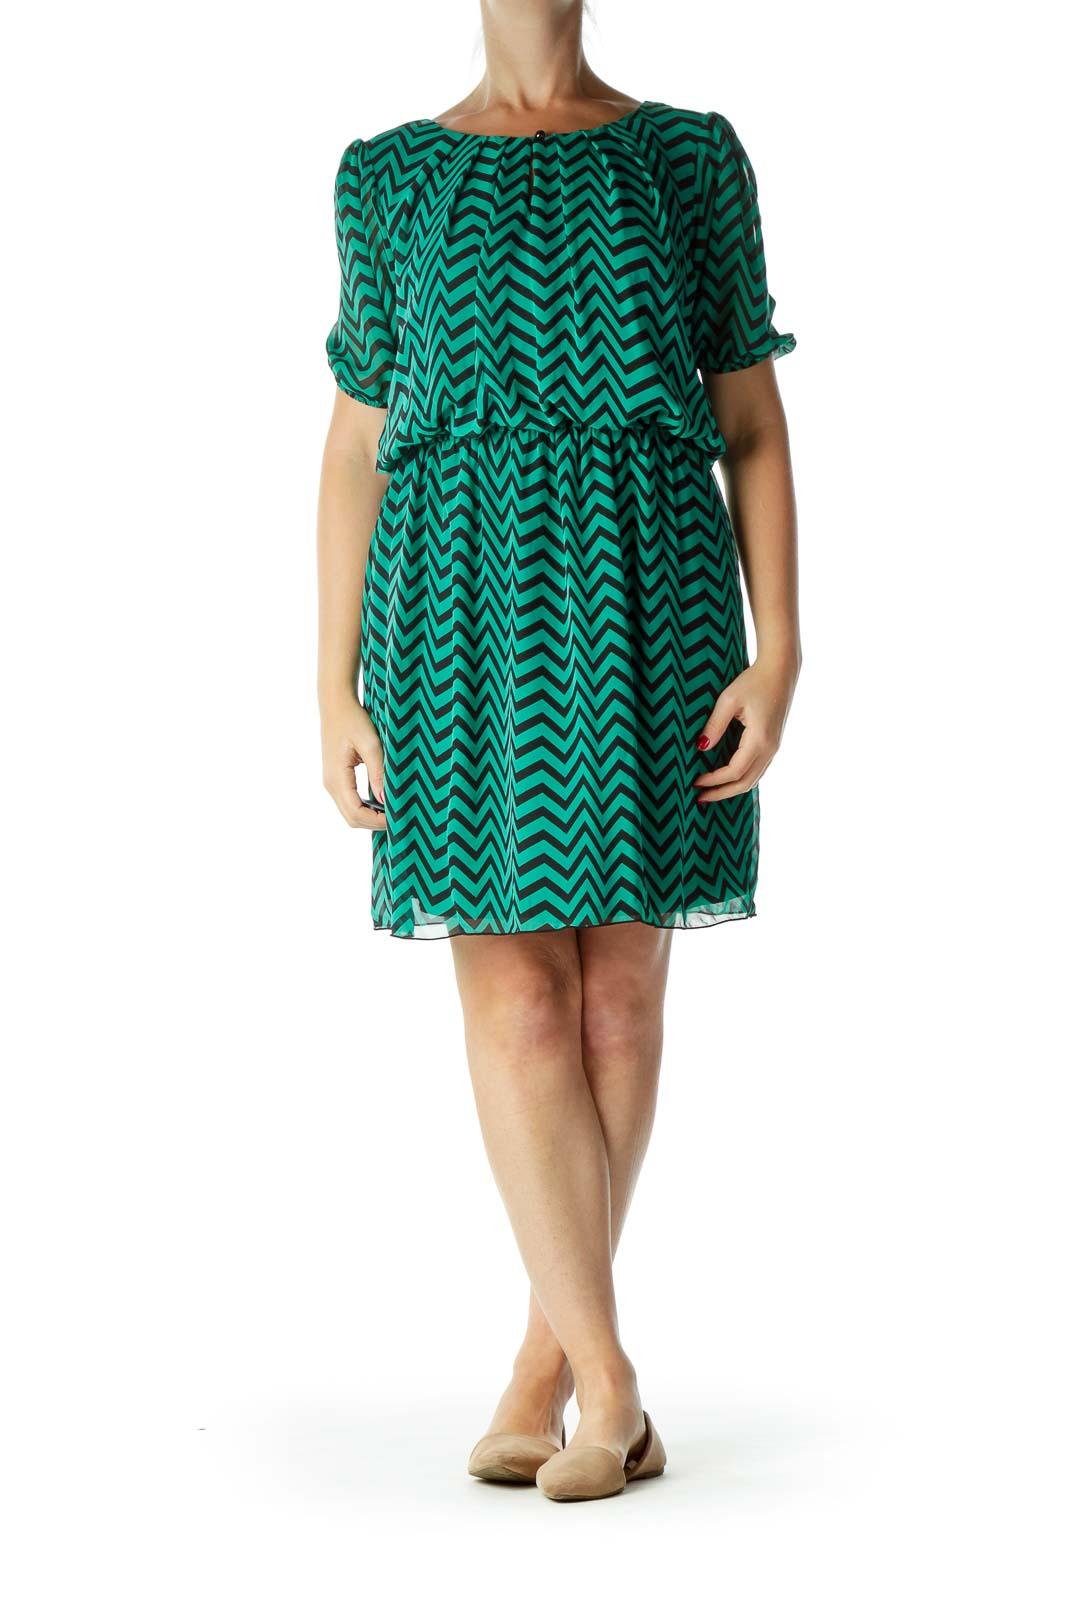 Green Black Chevron Work Dress